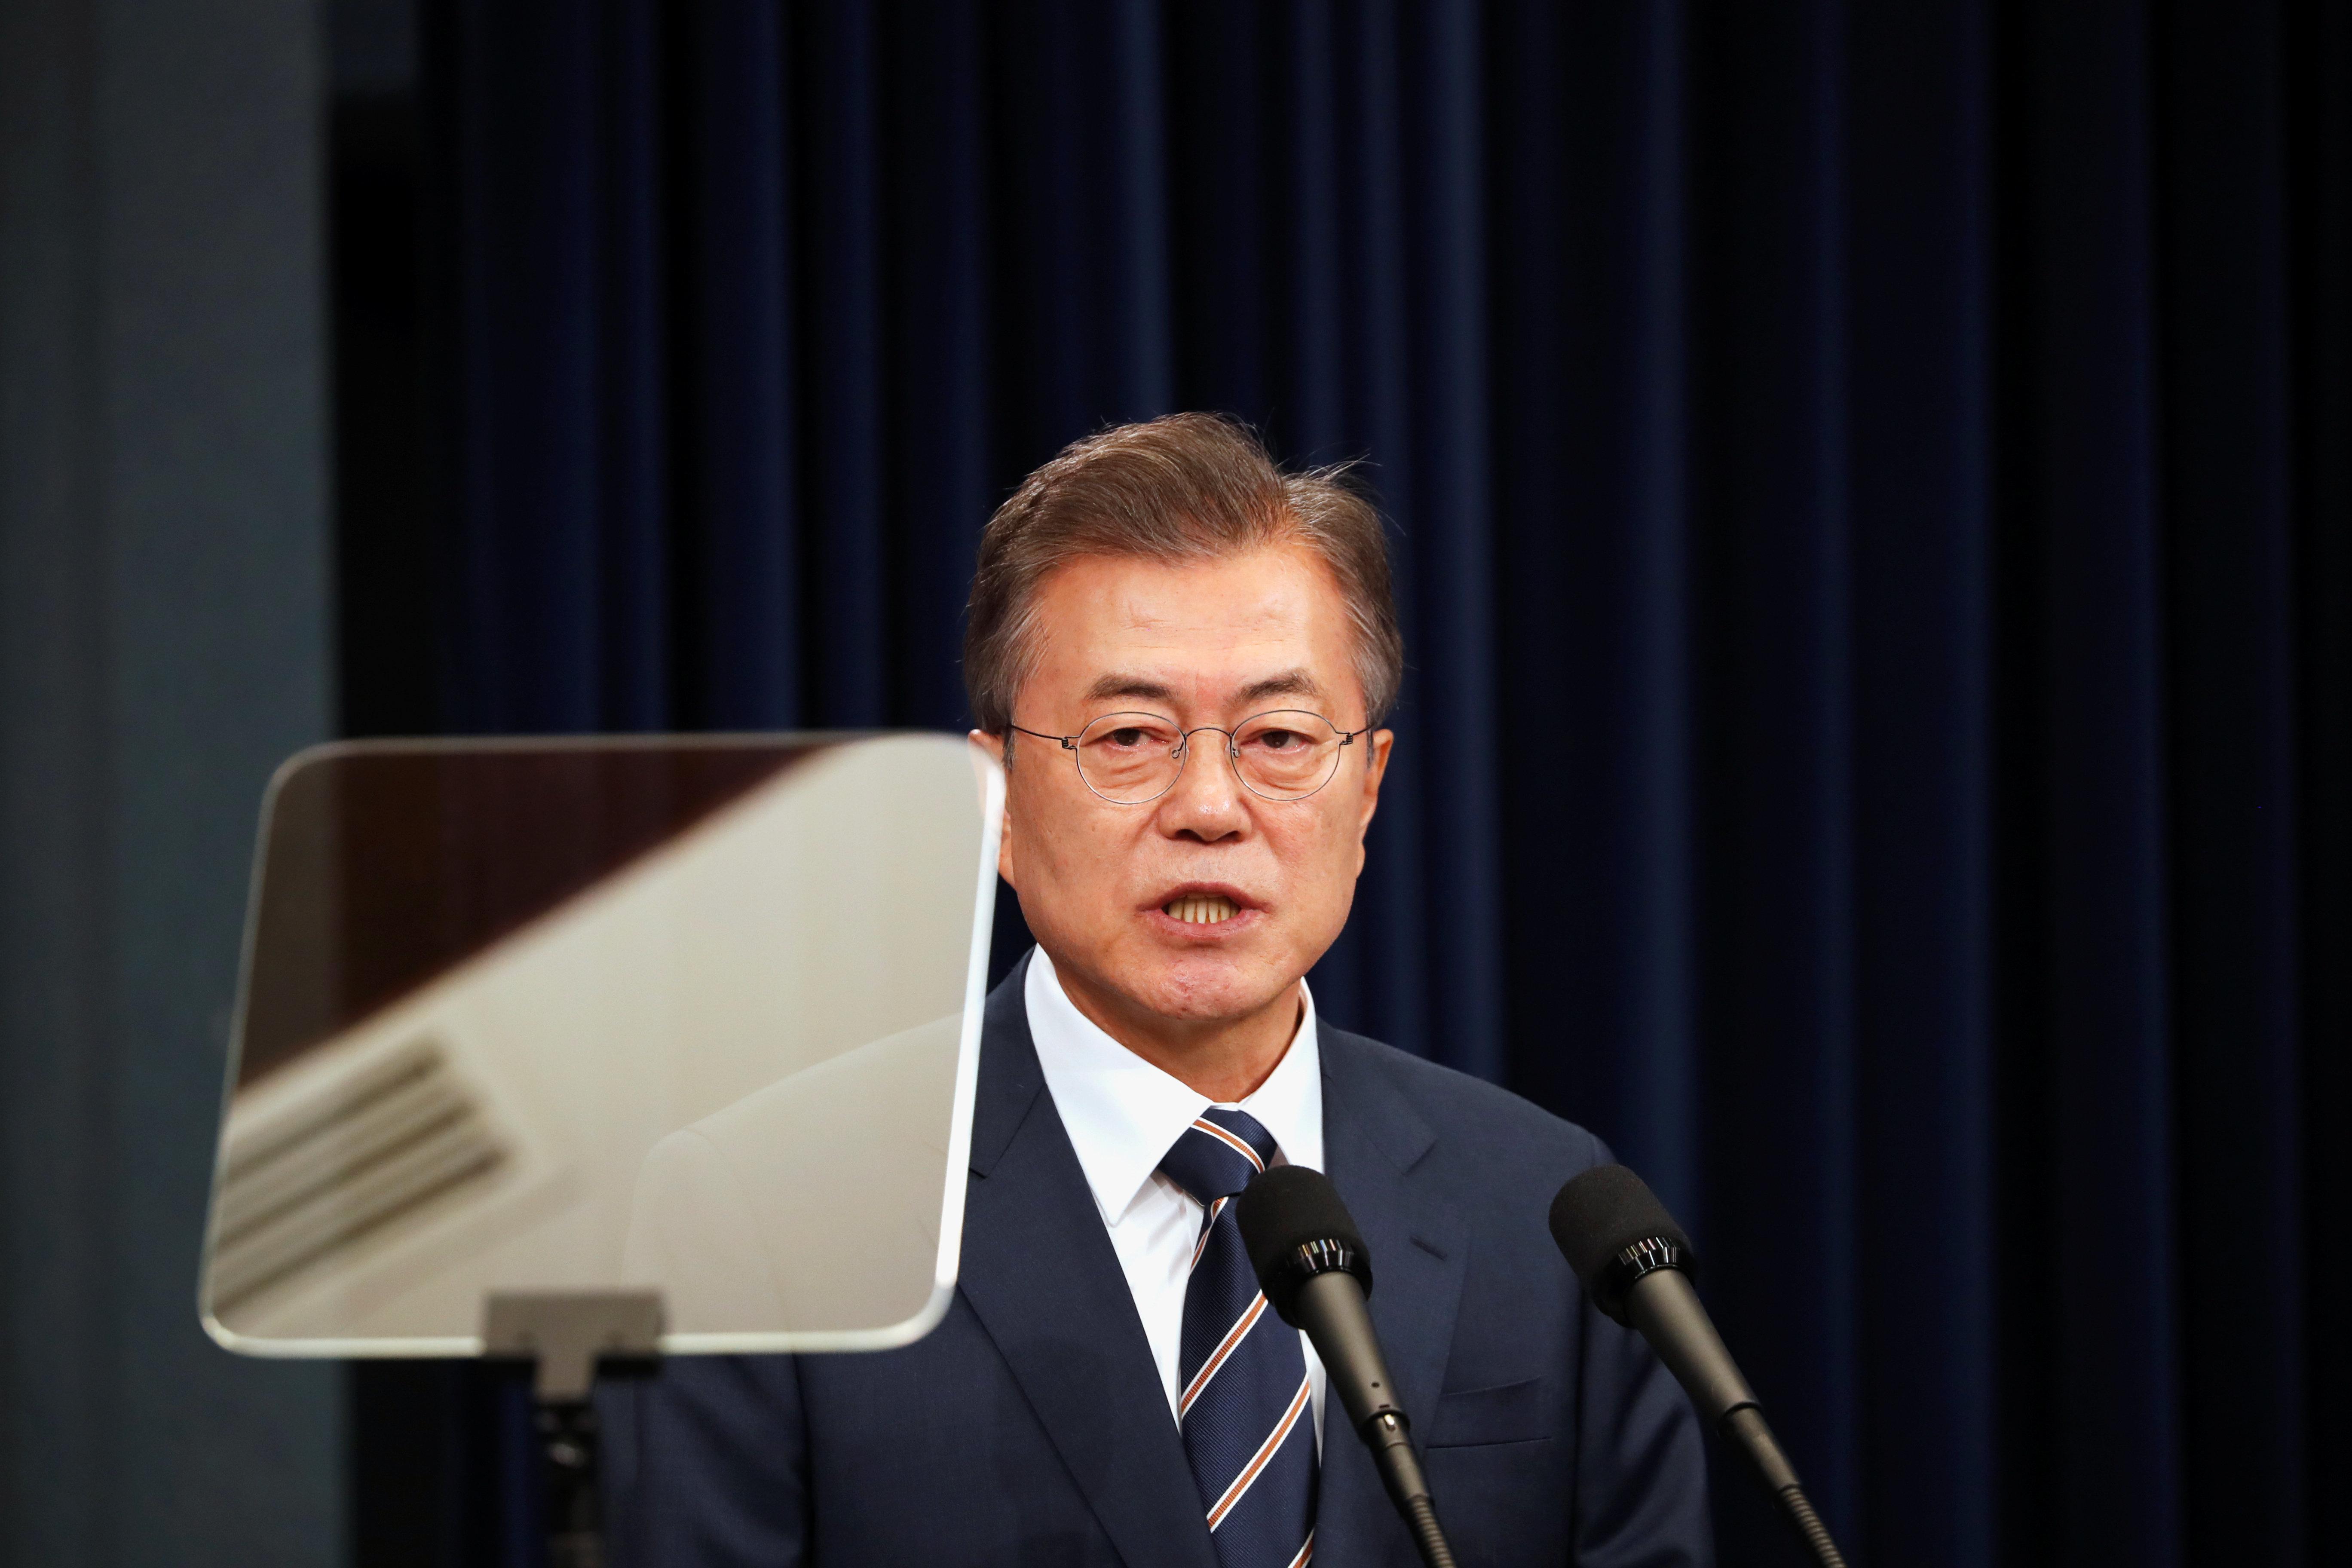 Χαιρετίζει τη συμφωνία Τραμπ-Κιμ Γιονγκ ουν η Νότια Κορέα. «Αφήνουμε πίσω τις σκοτεινές μέρες του